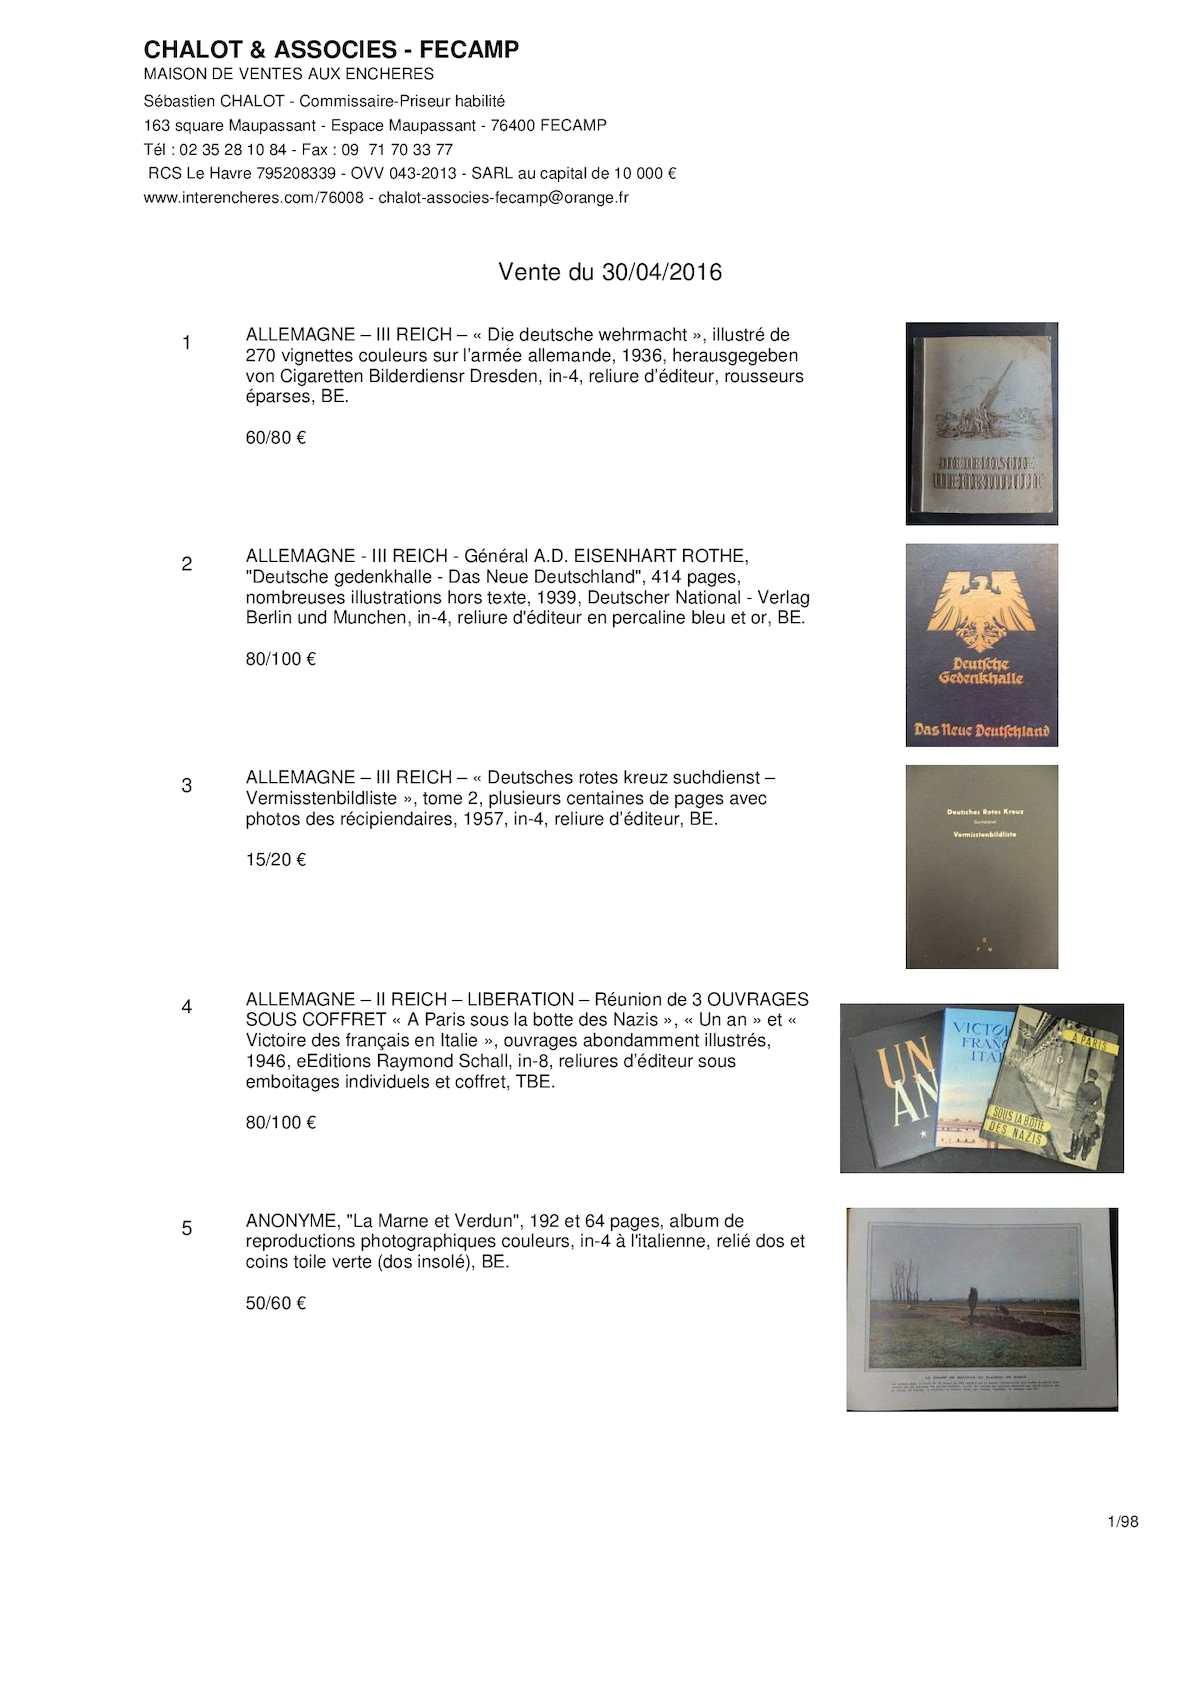 bca0fed488 Calaméo - VENTE ARMES ANCIENNES & SOUVENIRS HISTORIQUES - CHASSE & VENERIE  - SAMEDI 30 AVRIL 2016 - CHALOTS & ASSOCIES - FECAMP - FRANCIS LOISEL EXPERT